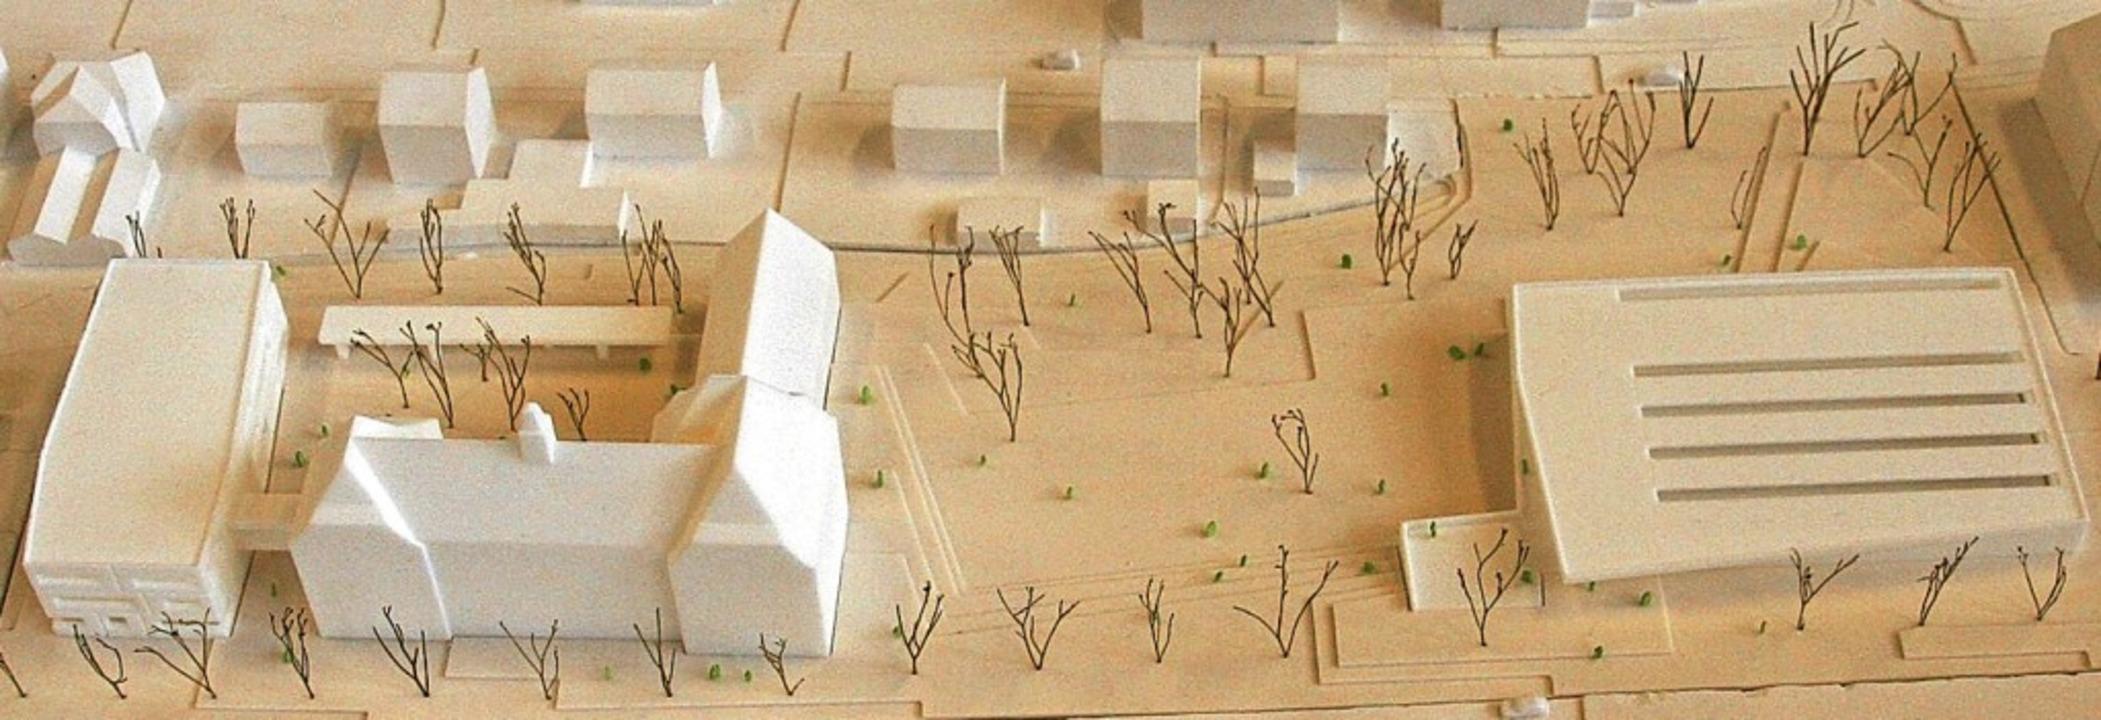 Dieses Modell des beim Architektenwett...wie der Campus einmal aussehen soll.    | Foto: Archivfoto: Marlies Jung-Knoblich